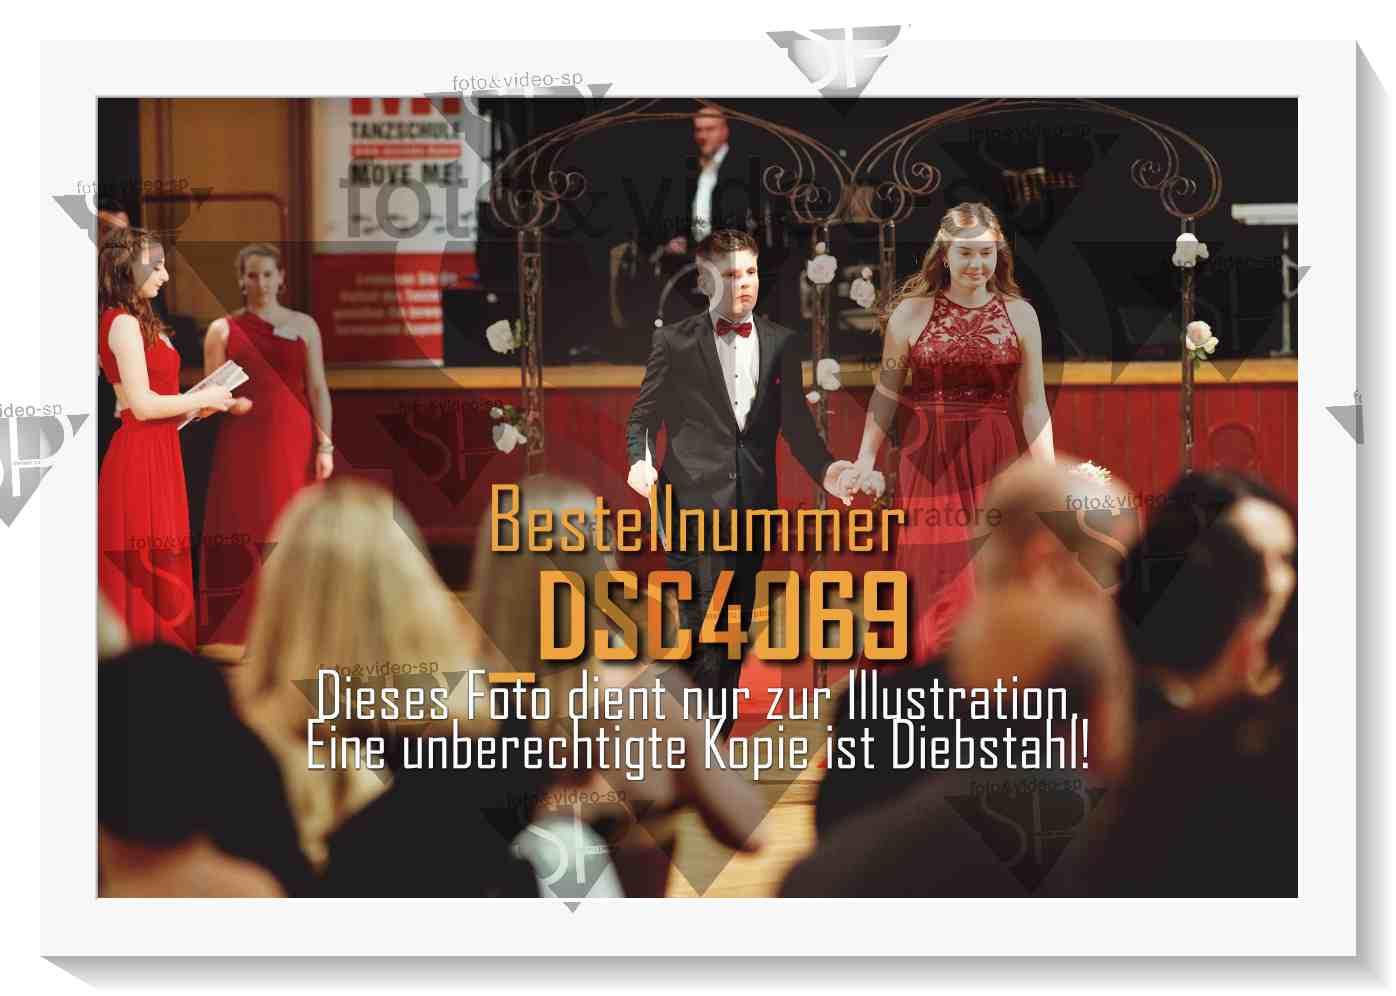 DSC4069